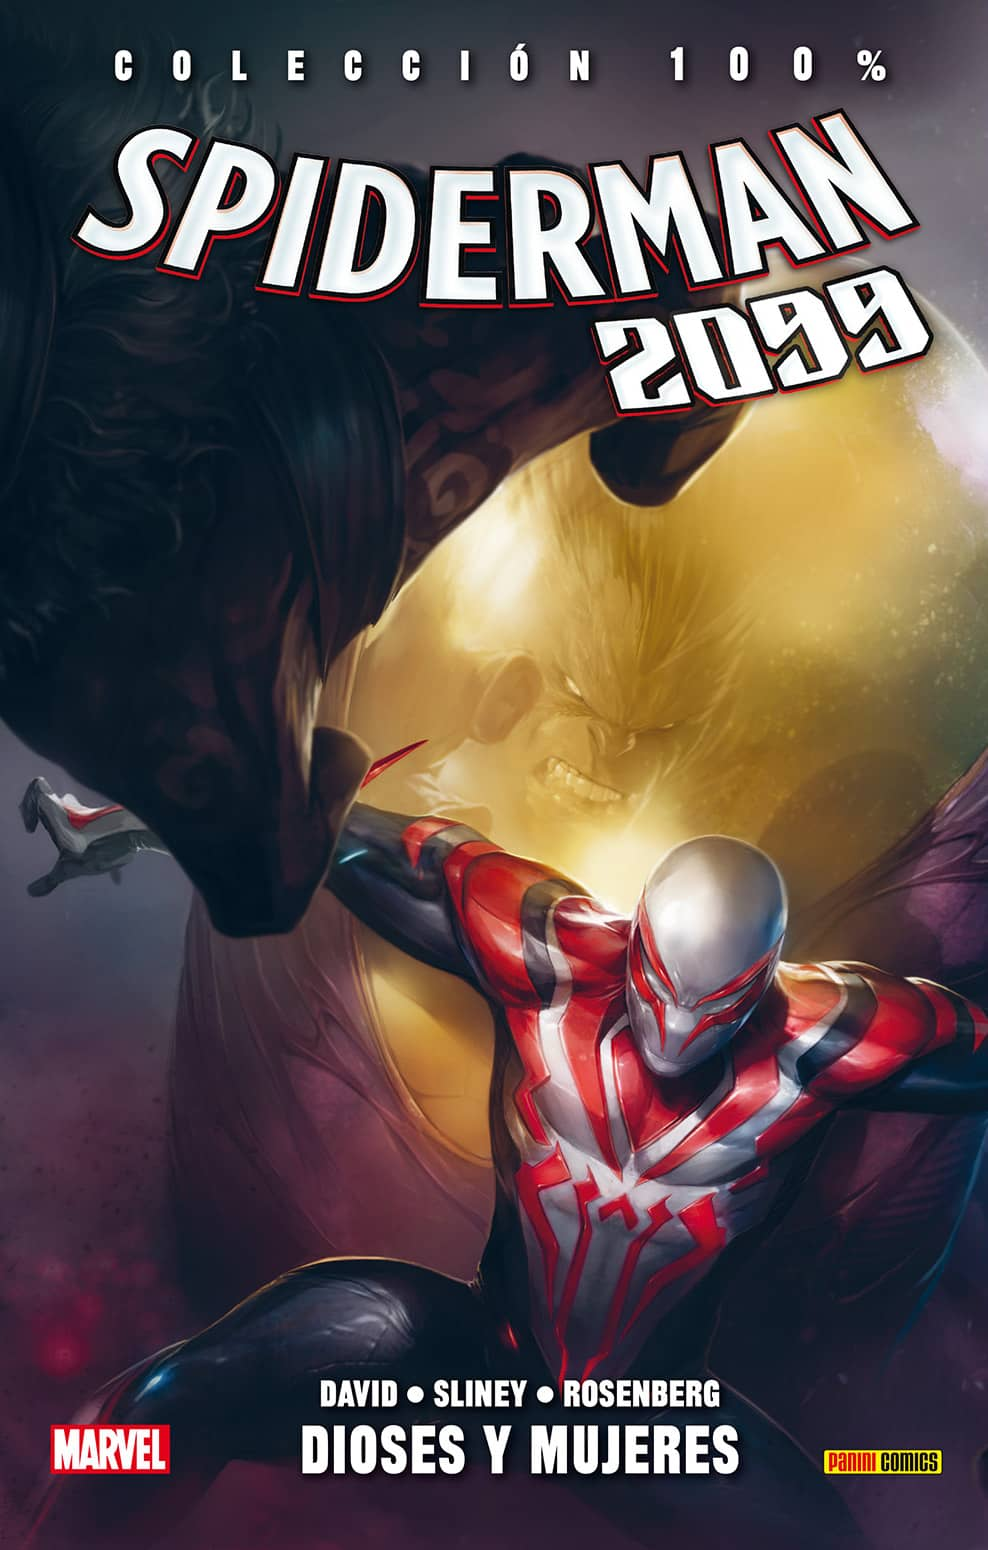 SPIDERMAN 2099 04. DIOSES Y MUJERES